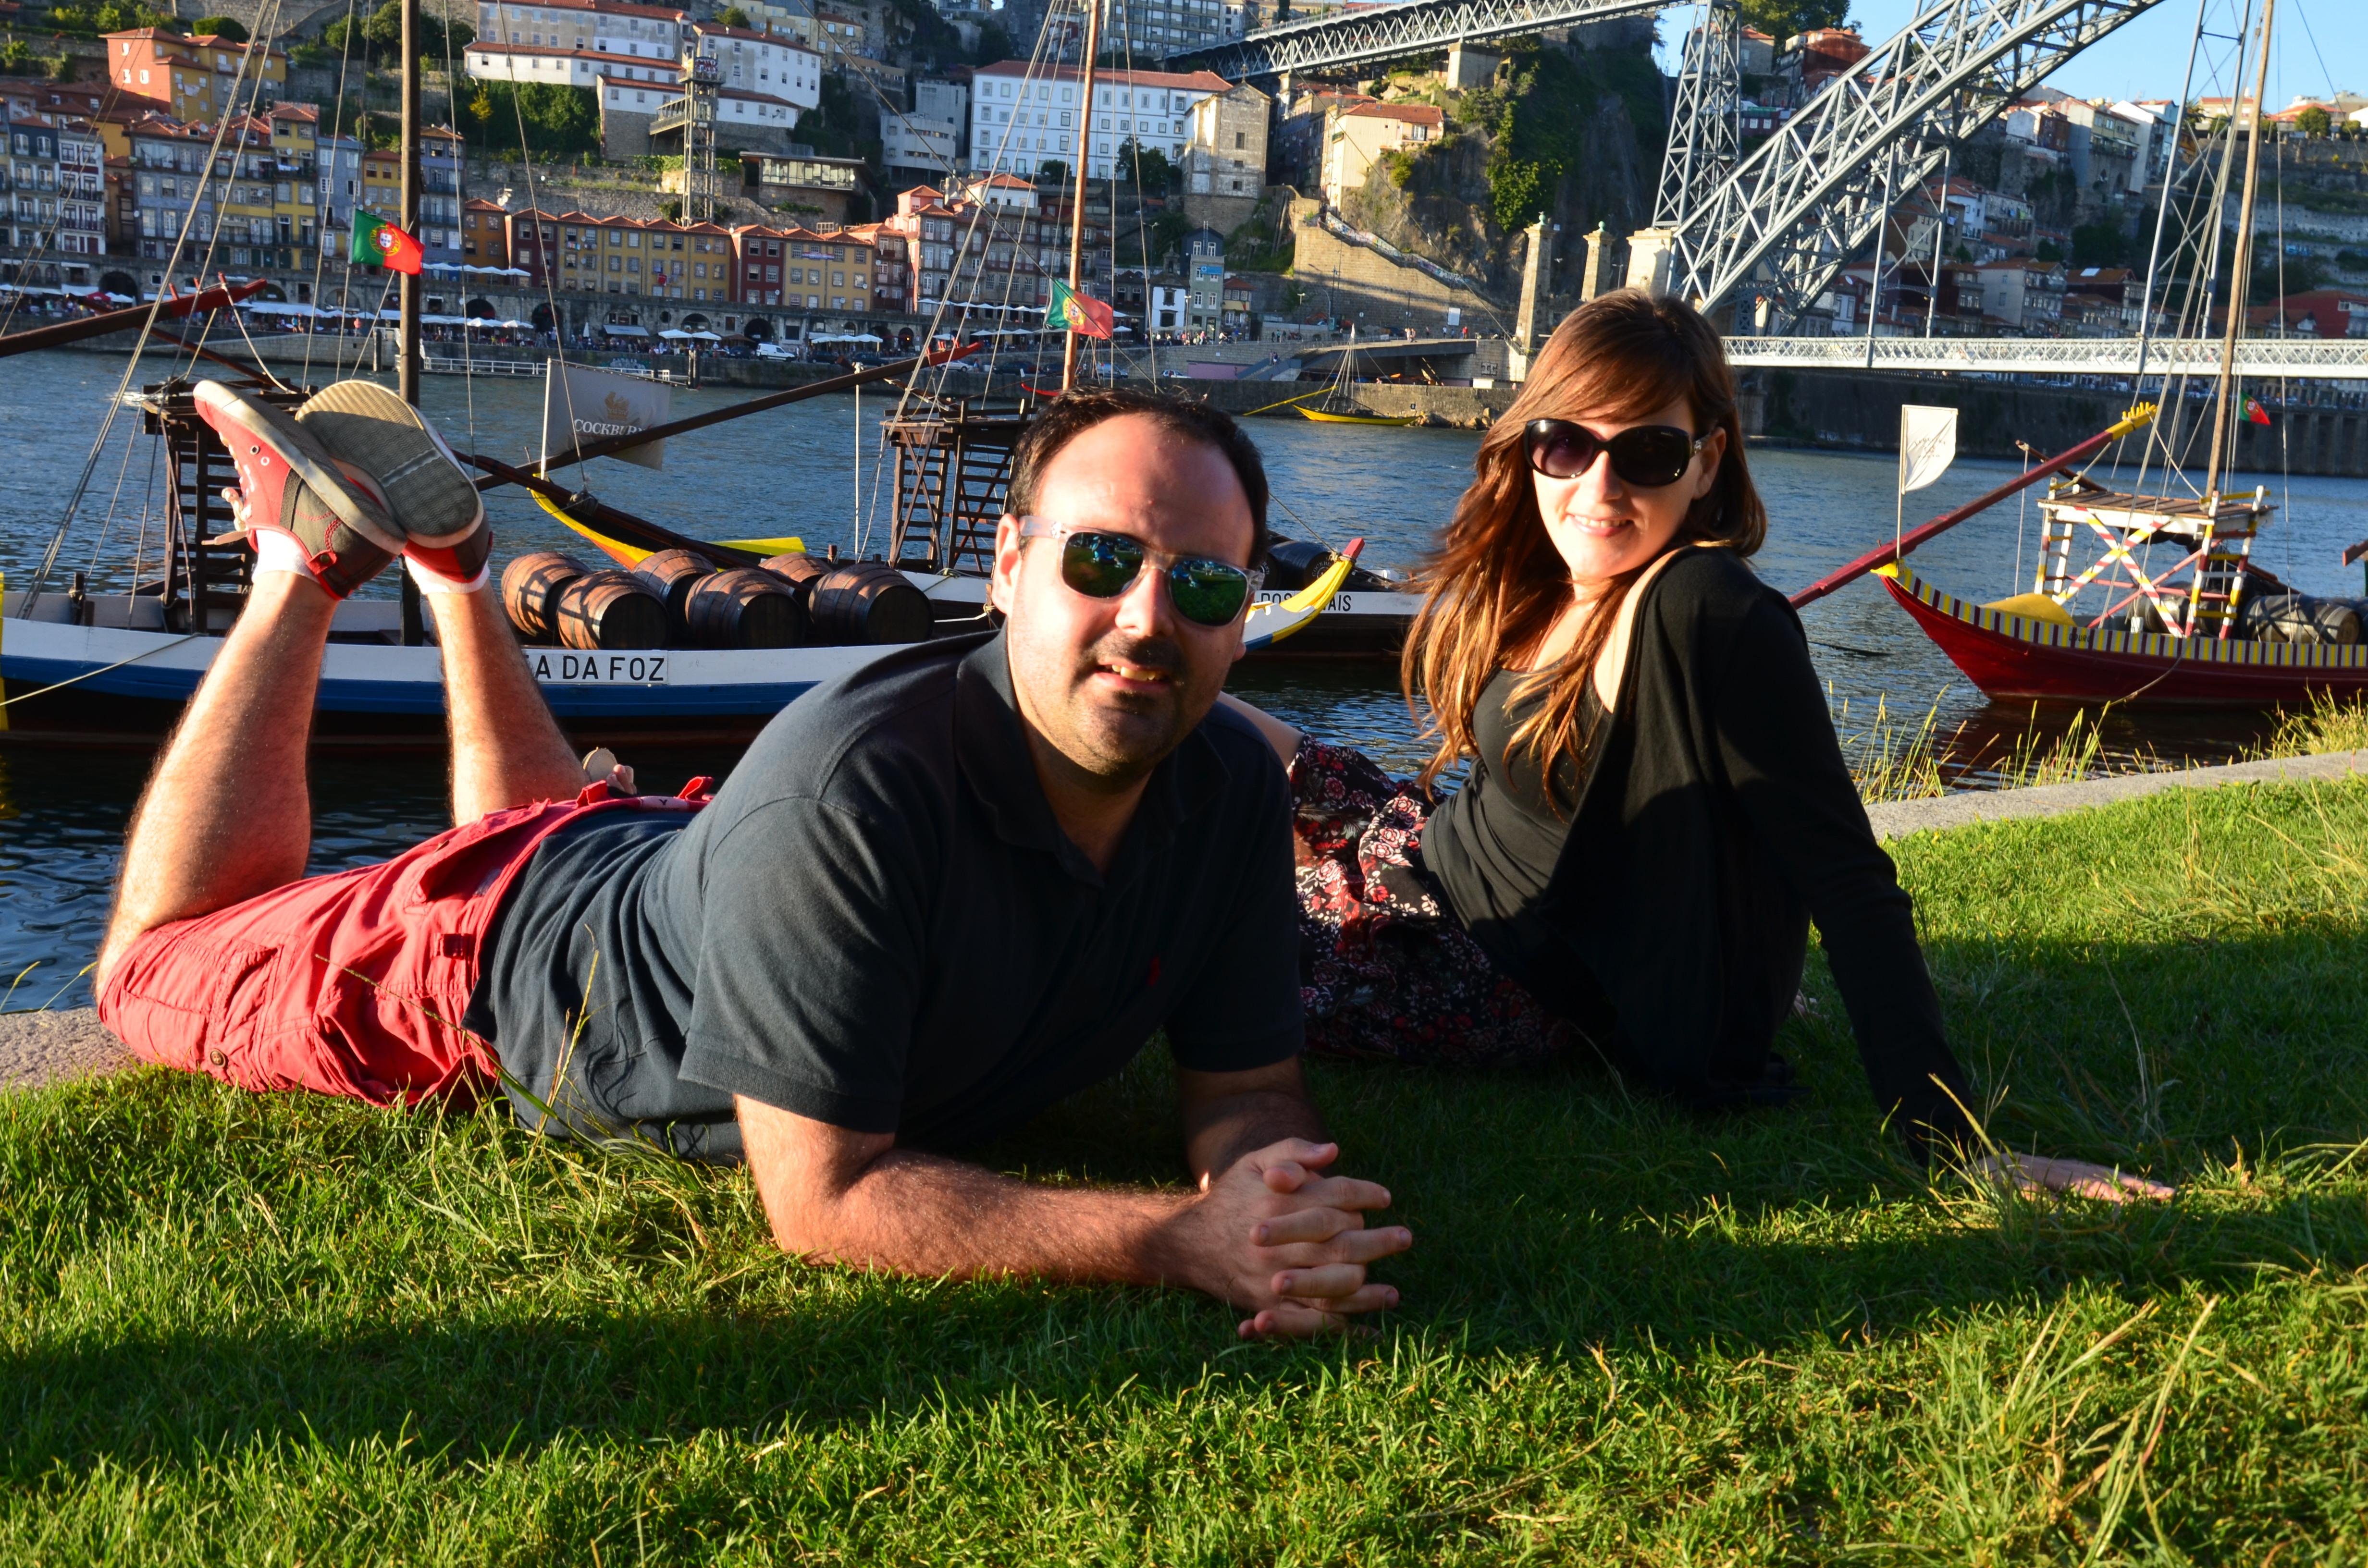 Impresiones visitando Oporto, la ciudad más portuguesa